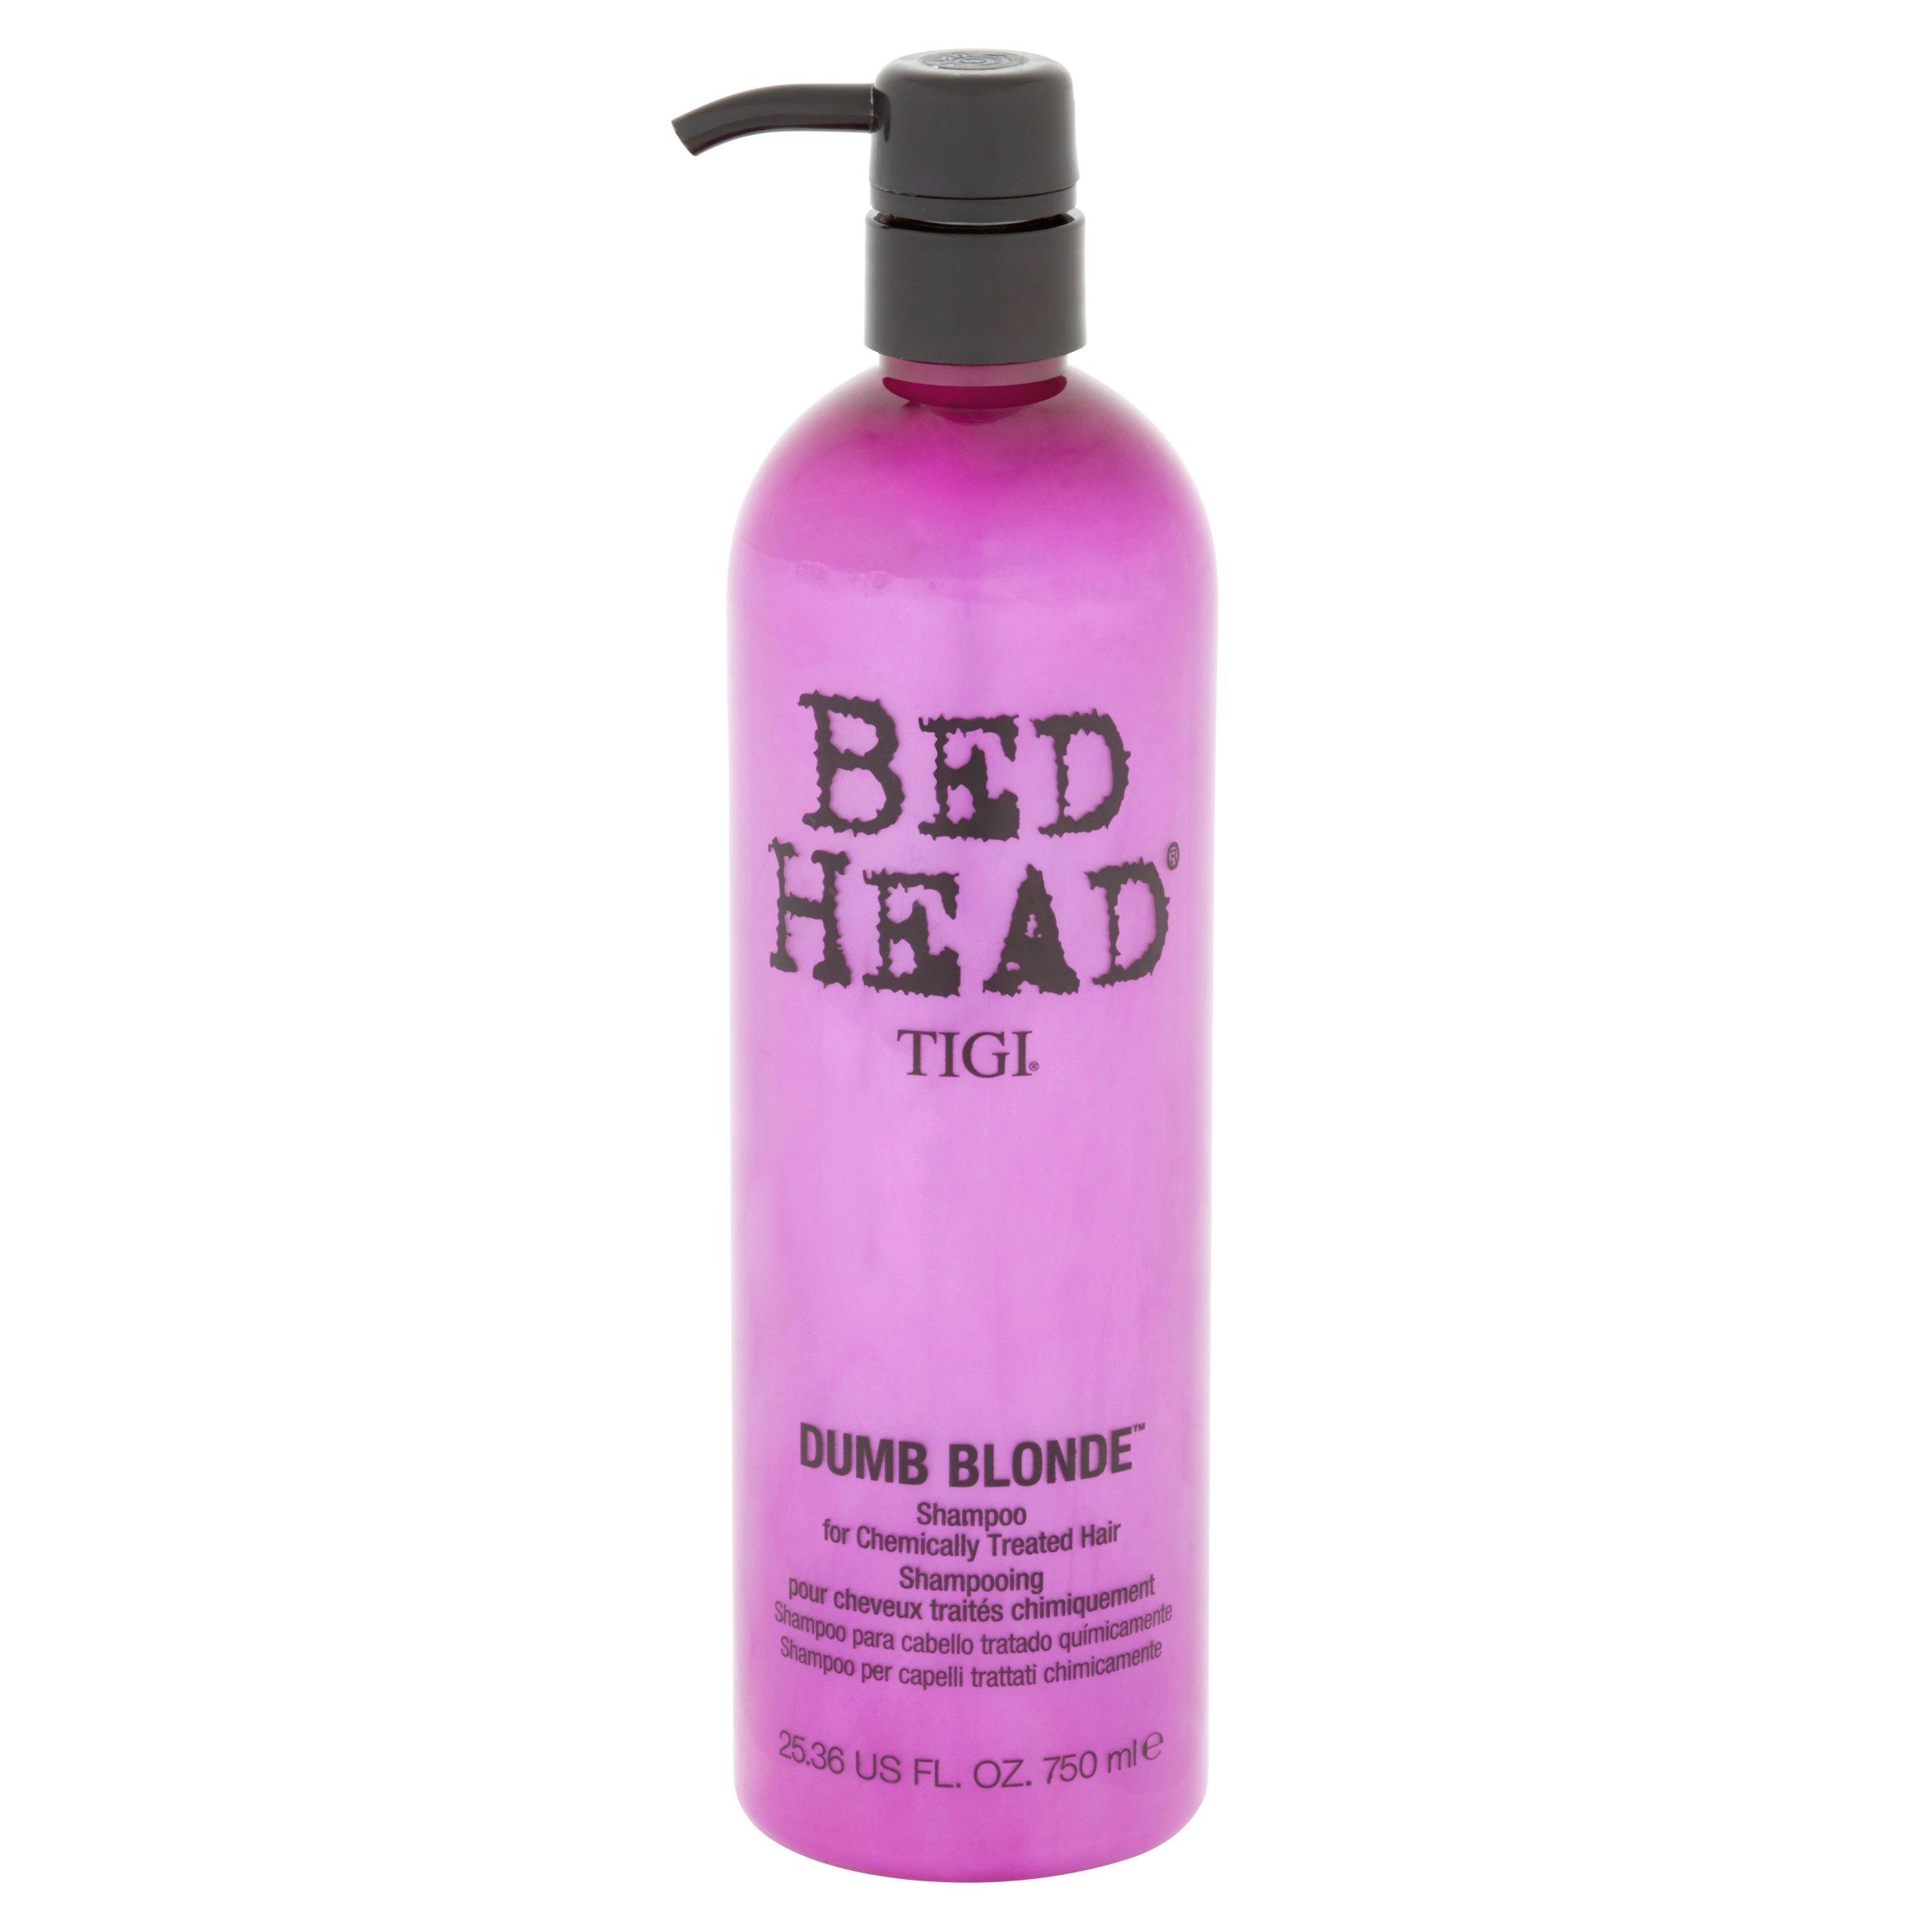 bd4bd31a5552b Bed Head TIGI Dumb Blonde Shampoo, 25.36 Oz - Walmart.com